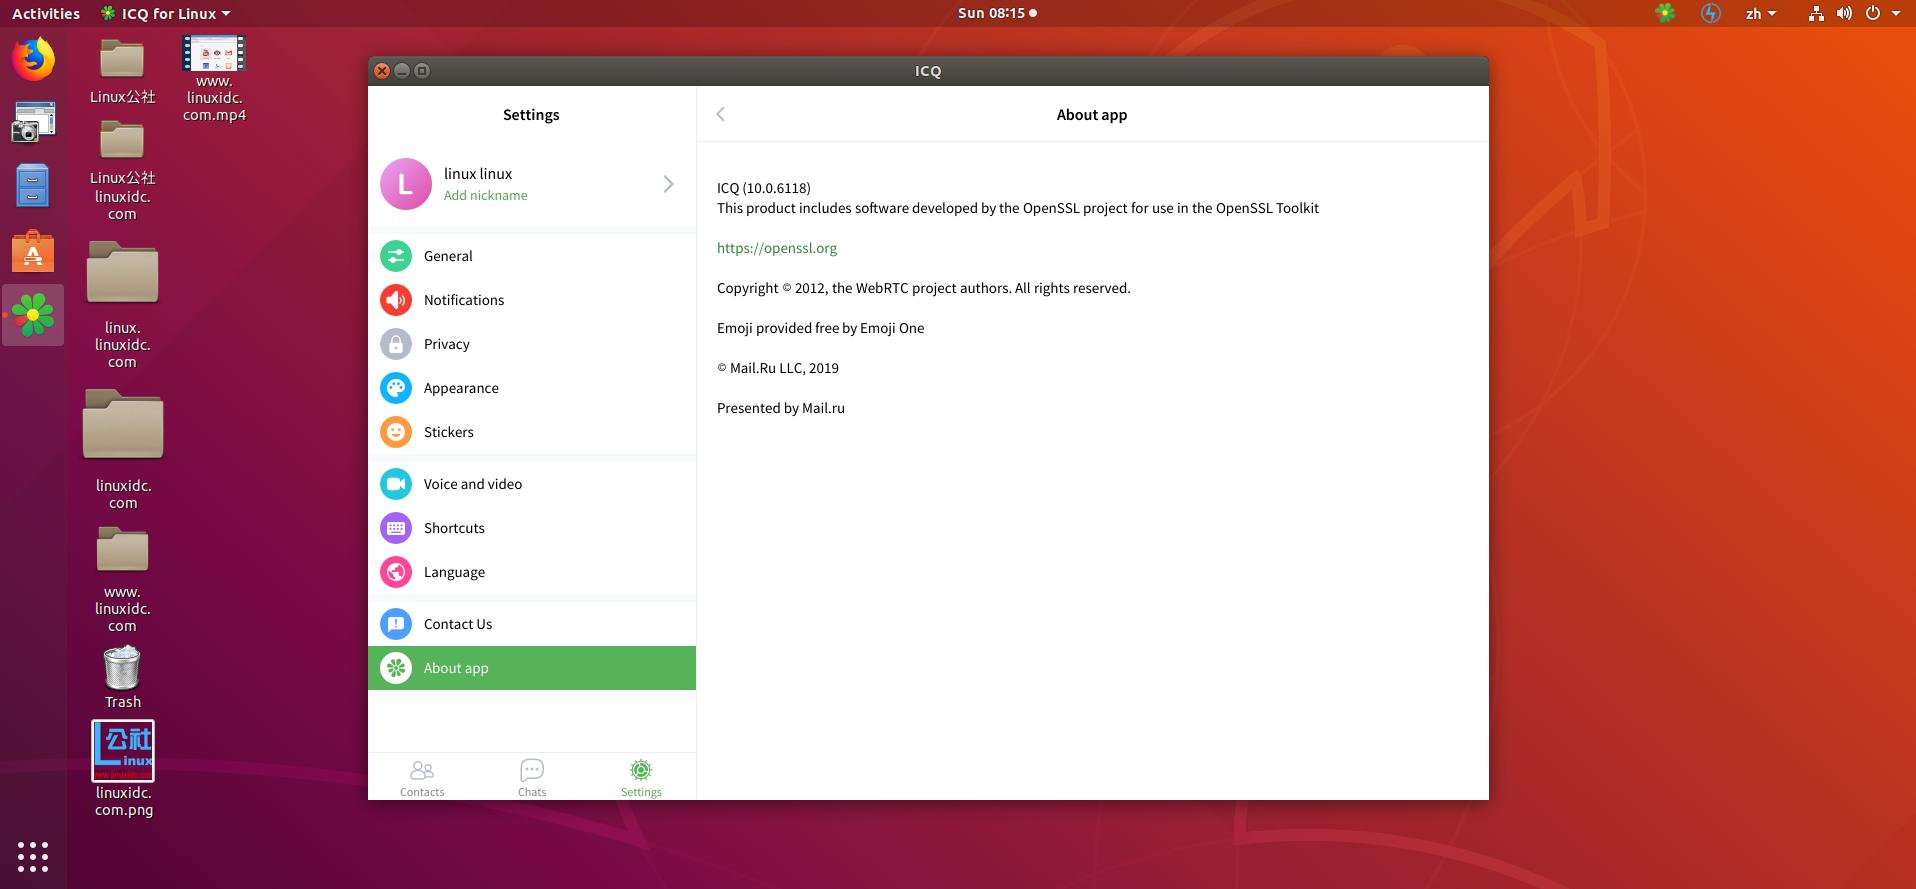 在Ubuntu 18.04或更高版本中通过Snap安装ICQ即时通讯软